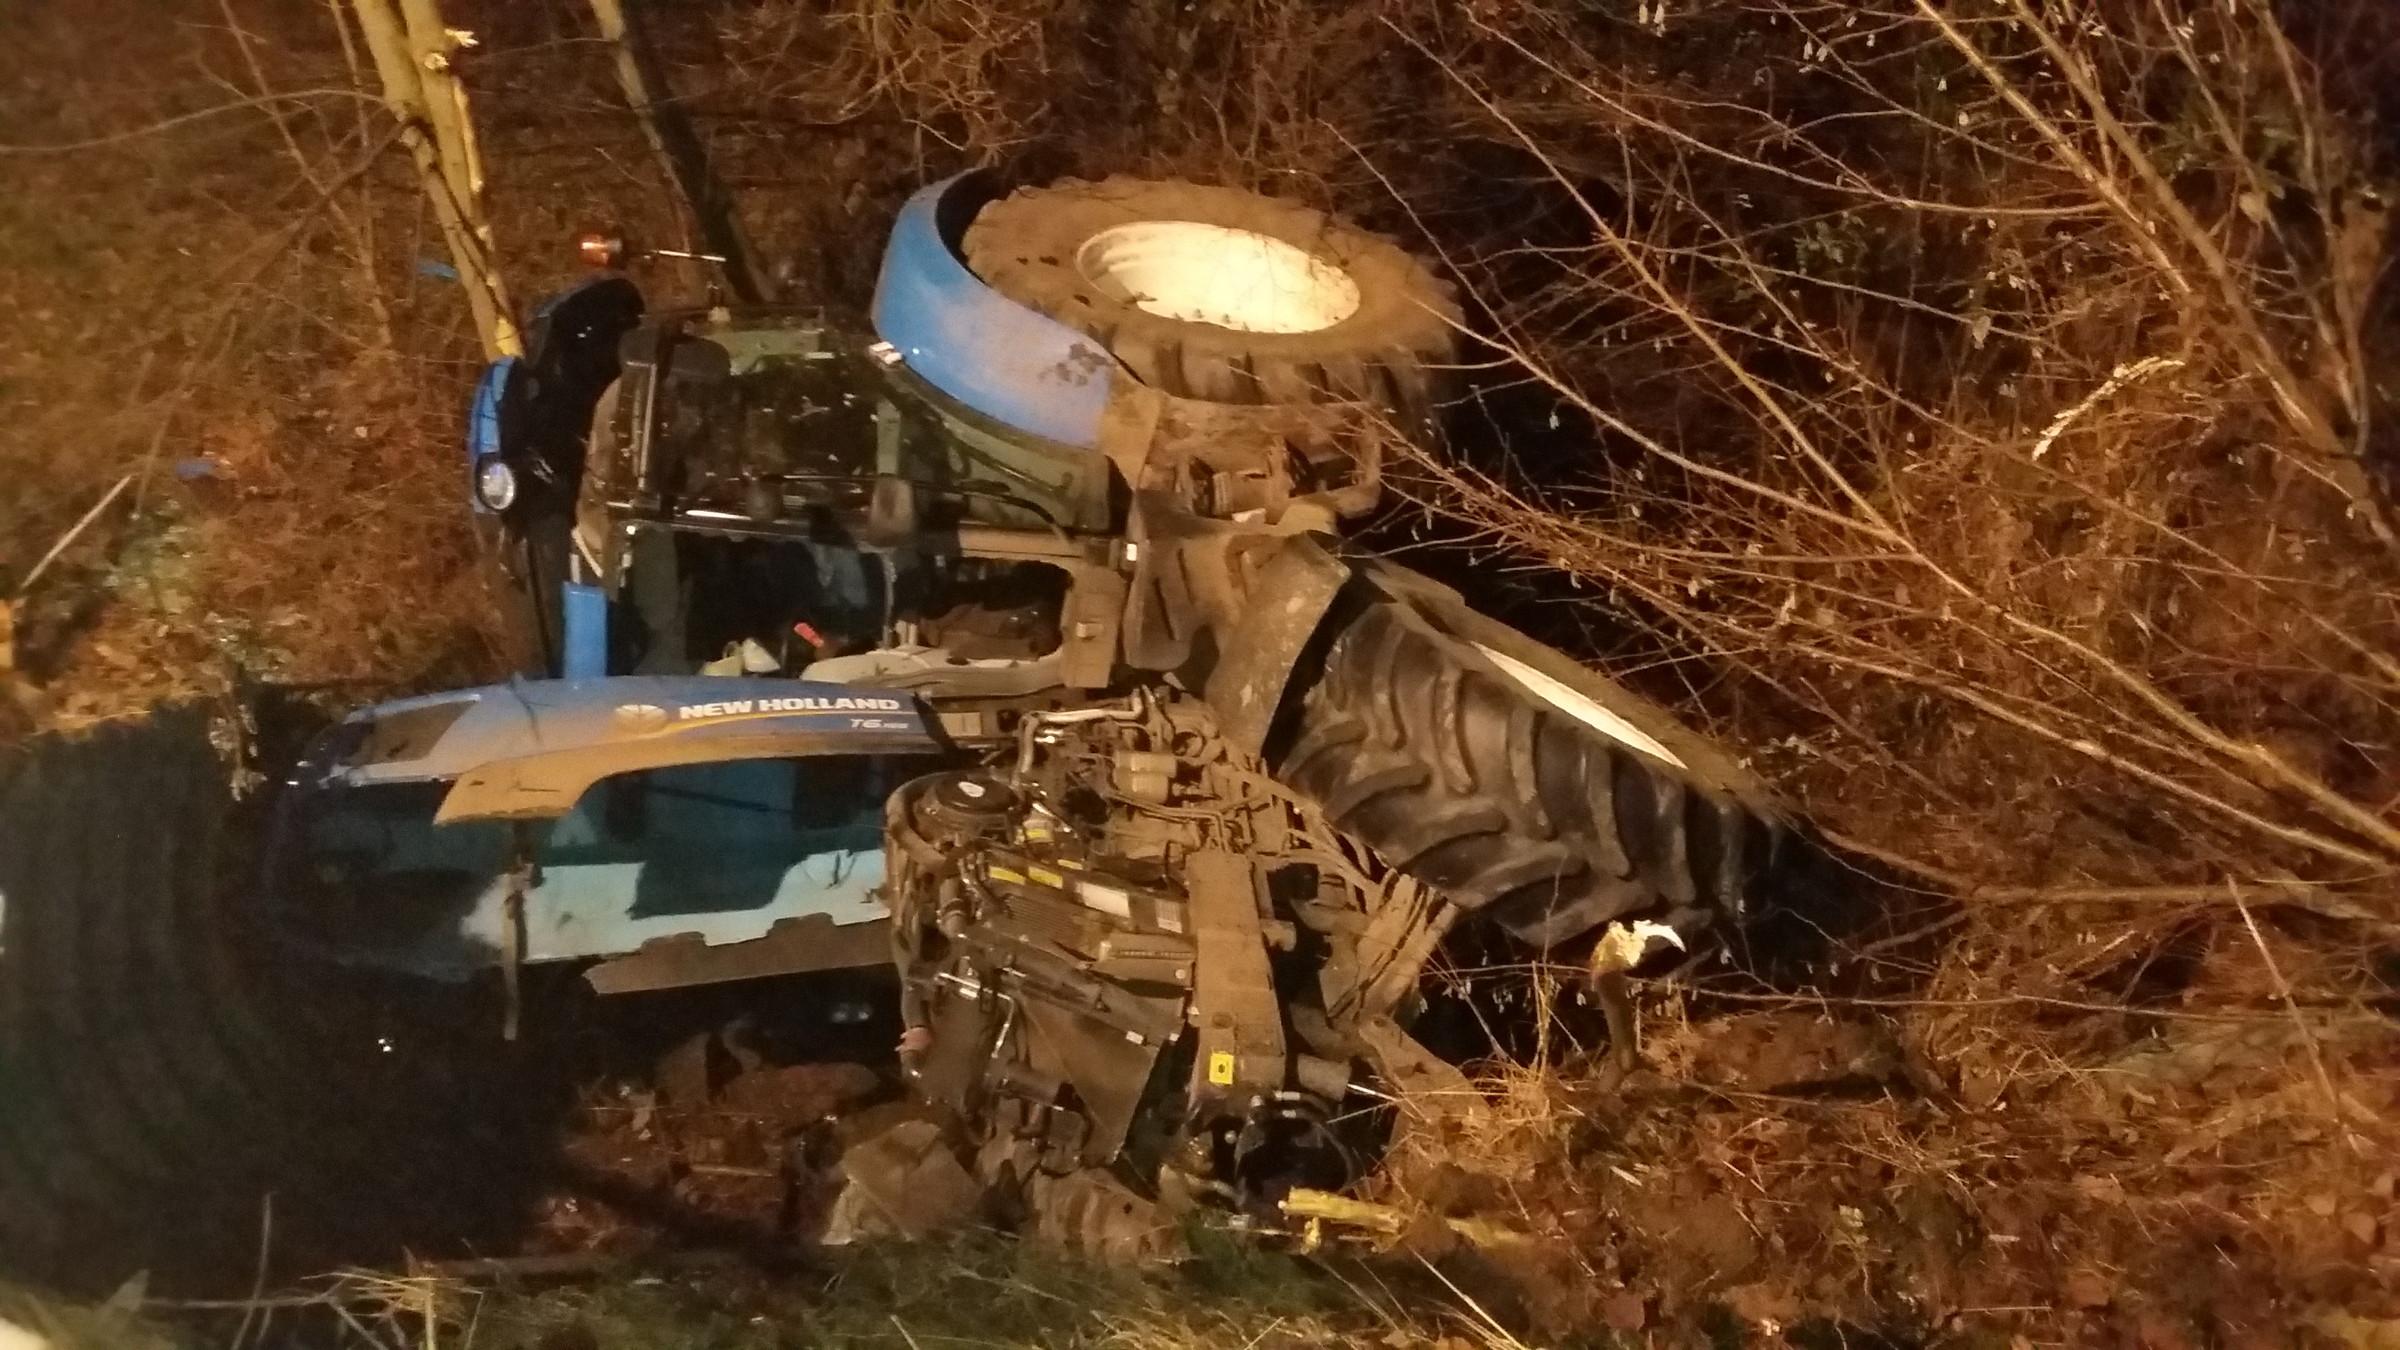 Verkehrsunfall mit Traktorbergung